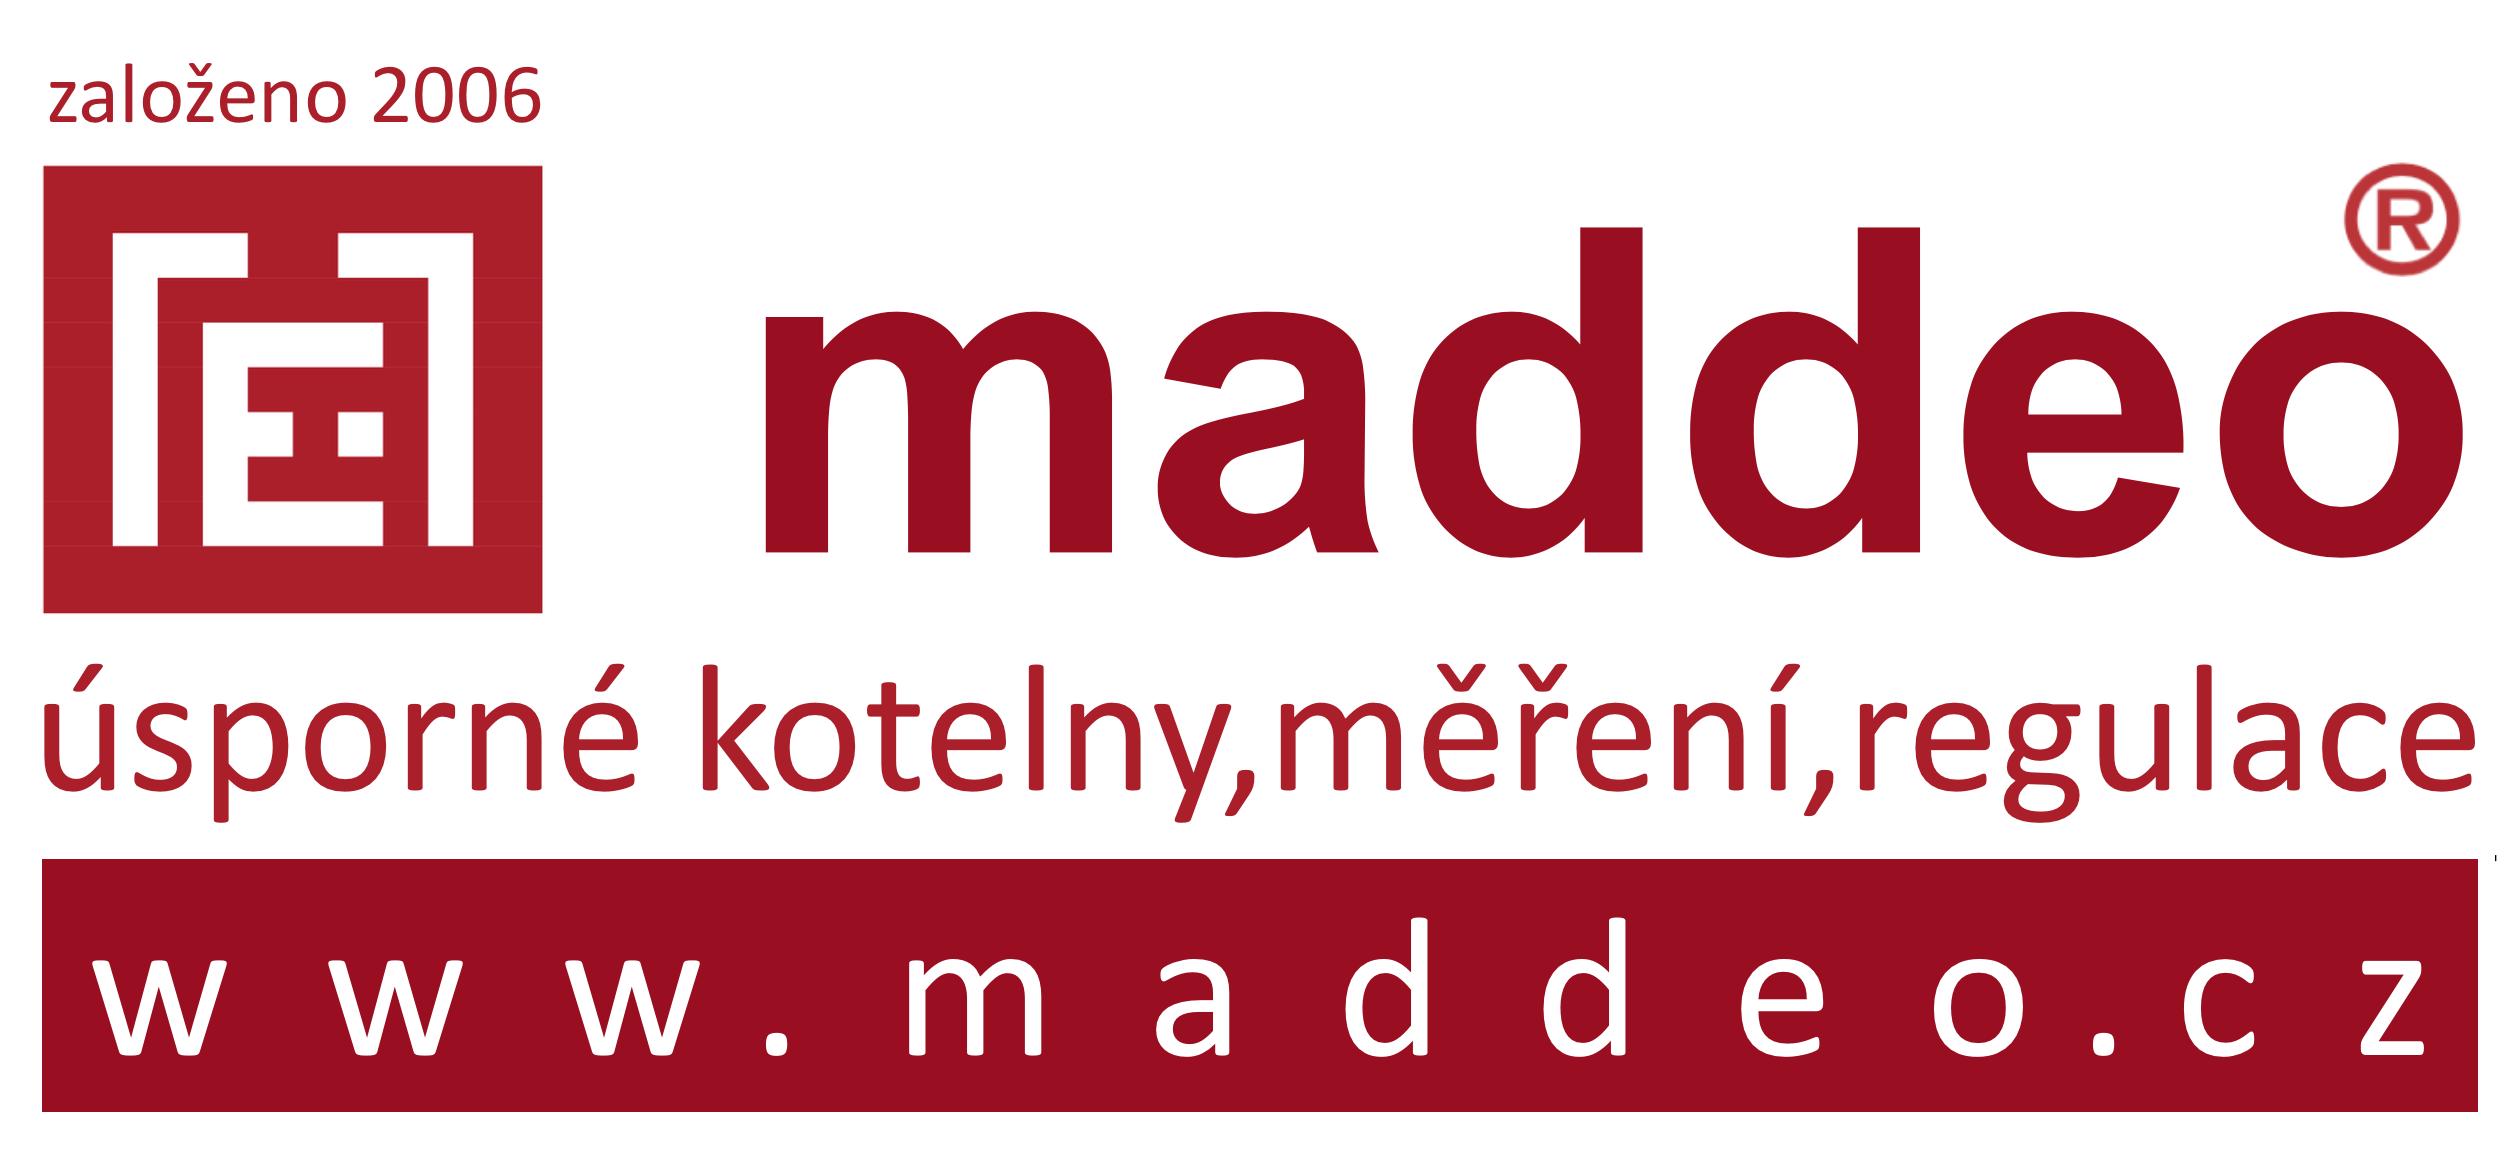 logo-maddeo-kotelny